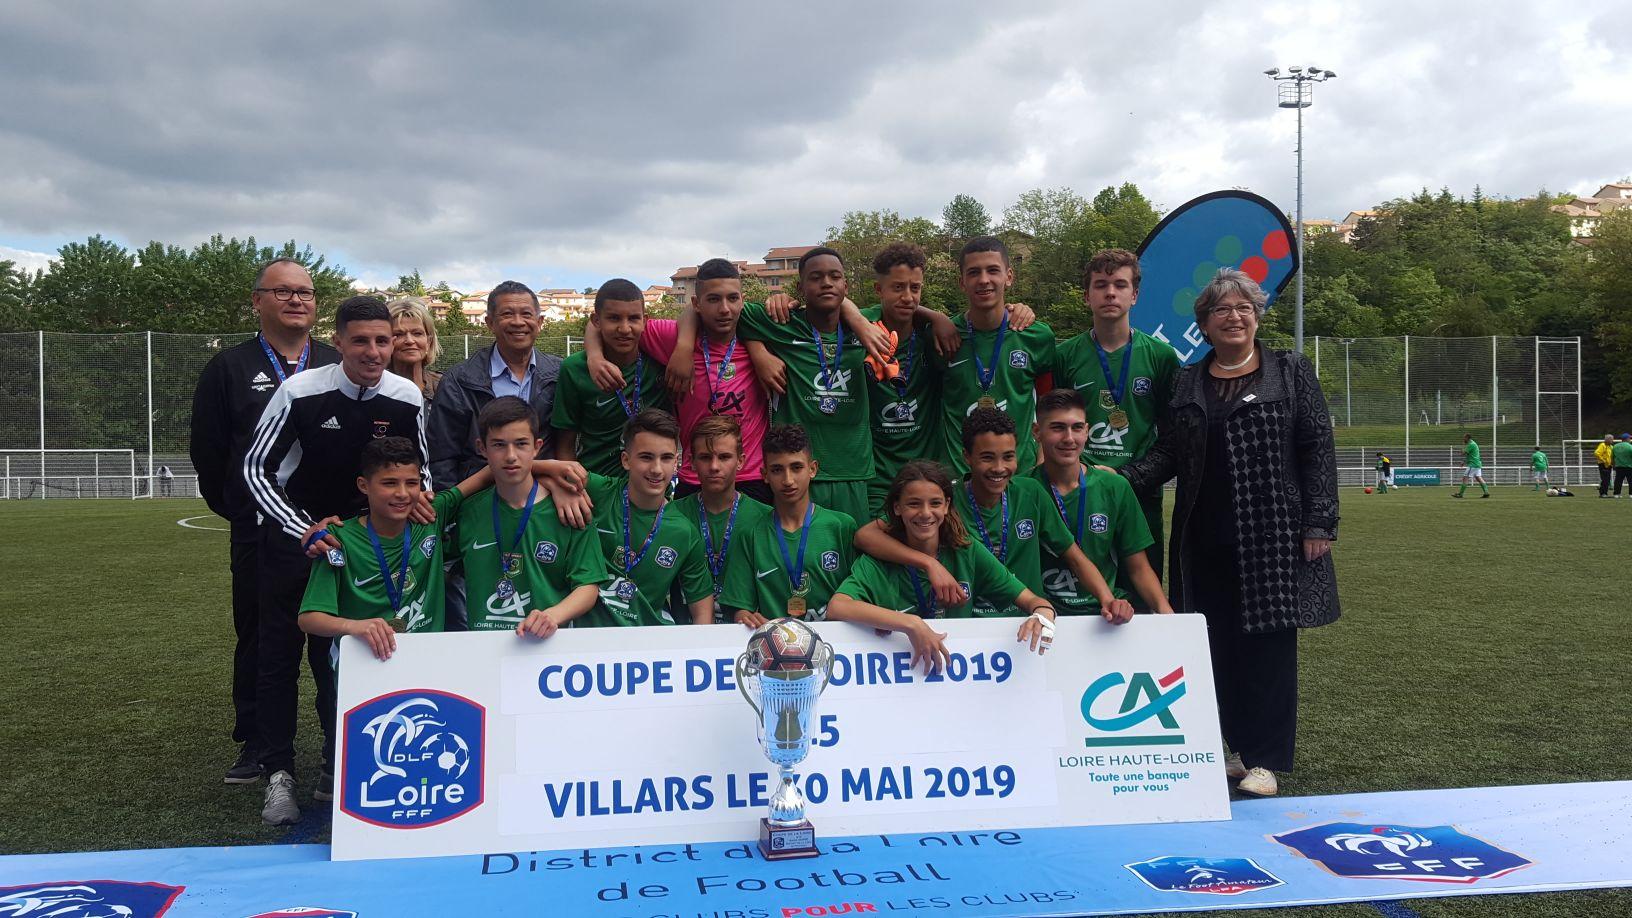 🏆 Les U15 vainqueurs de la Coupe de la Loire 🏆